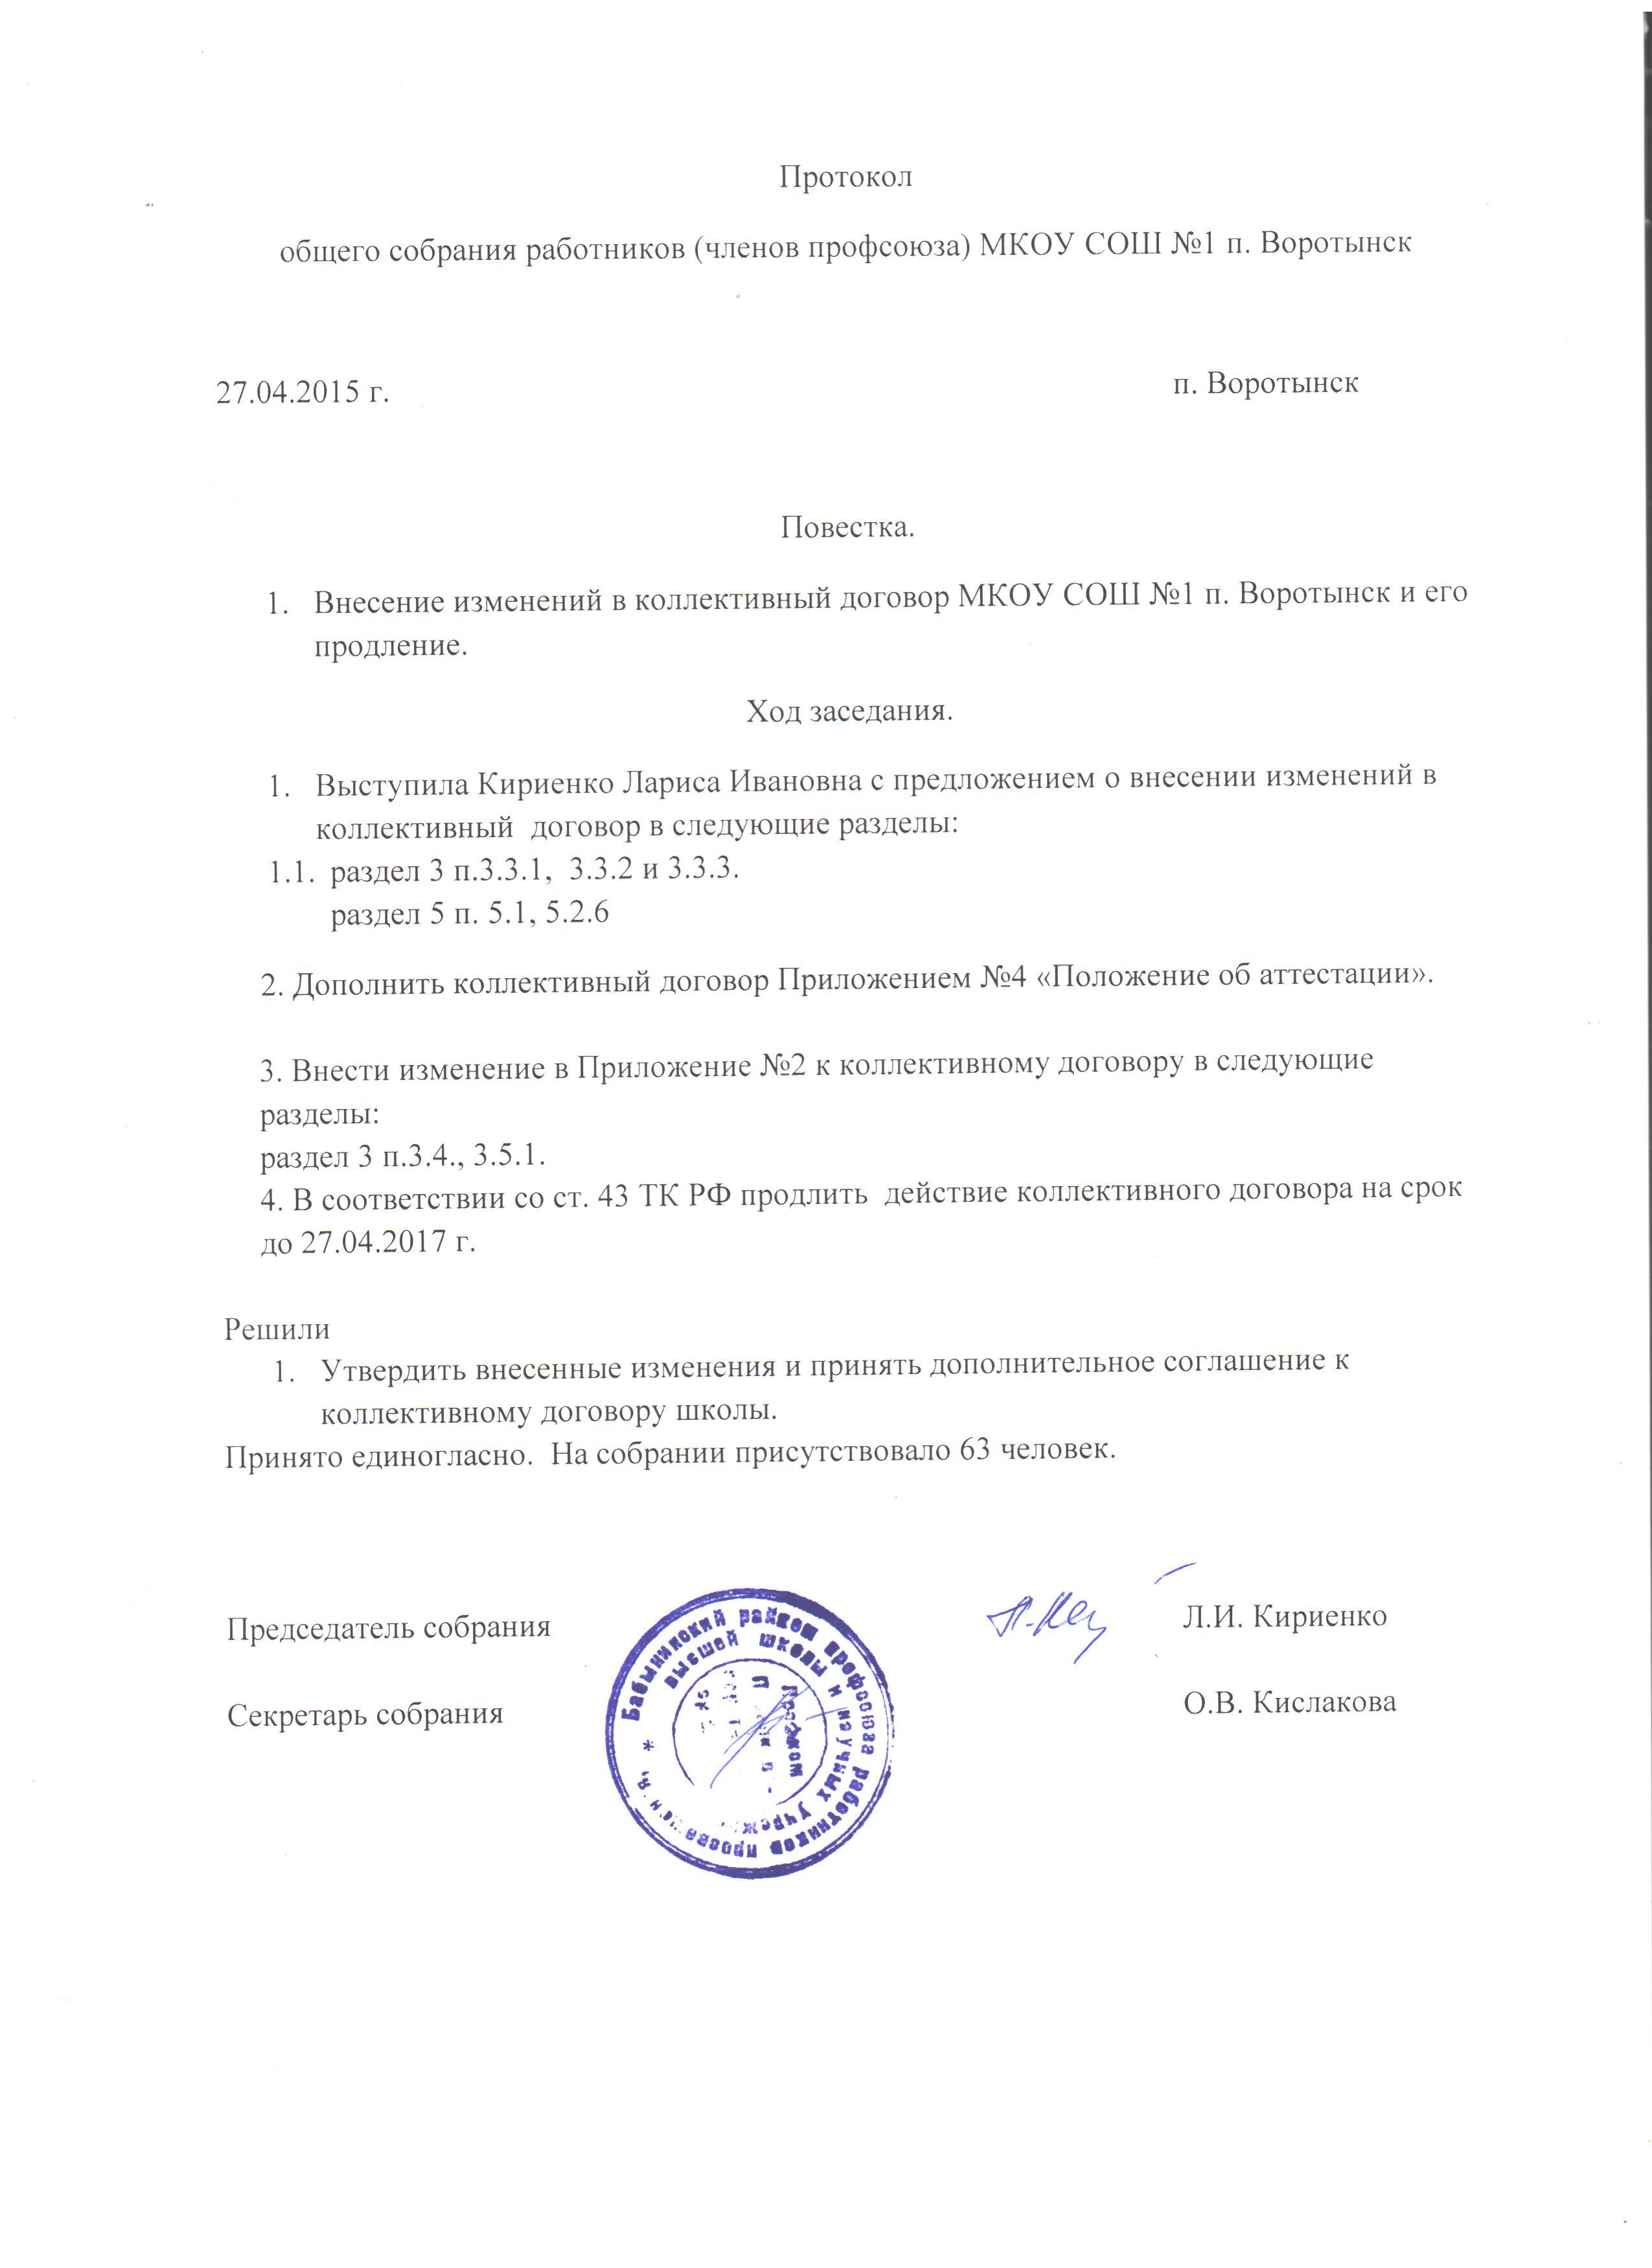 Протокол заседания или собрания, его содержание и образец 85